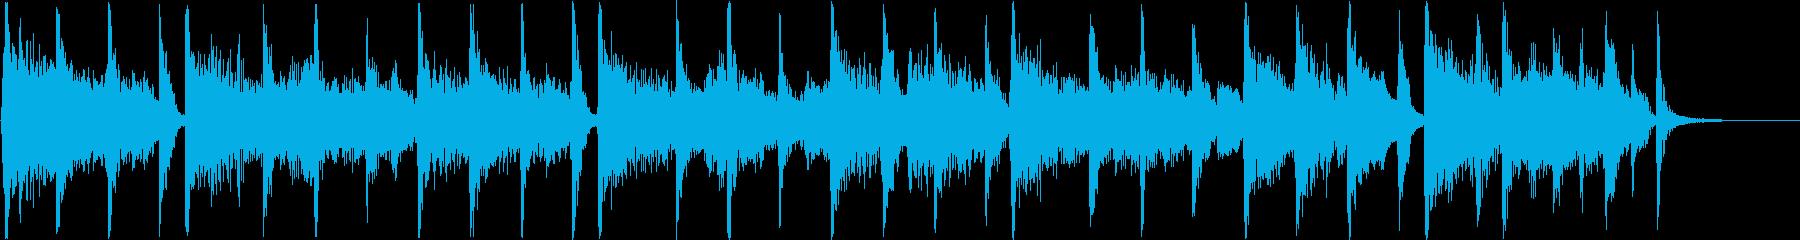 80年代風アメリカンポップジングルの再生済みの波形